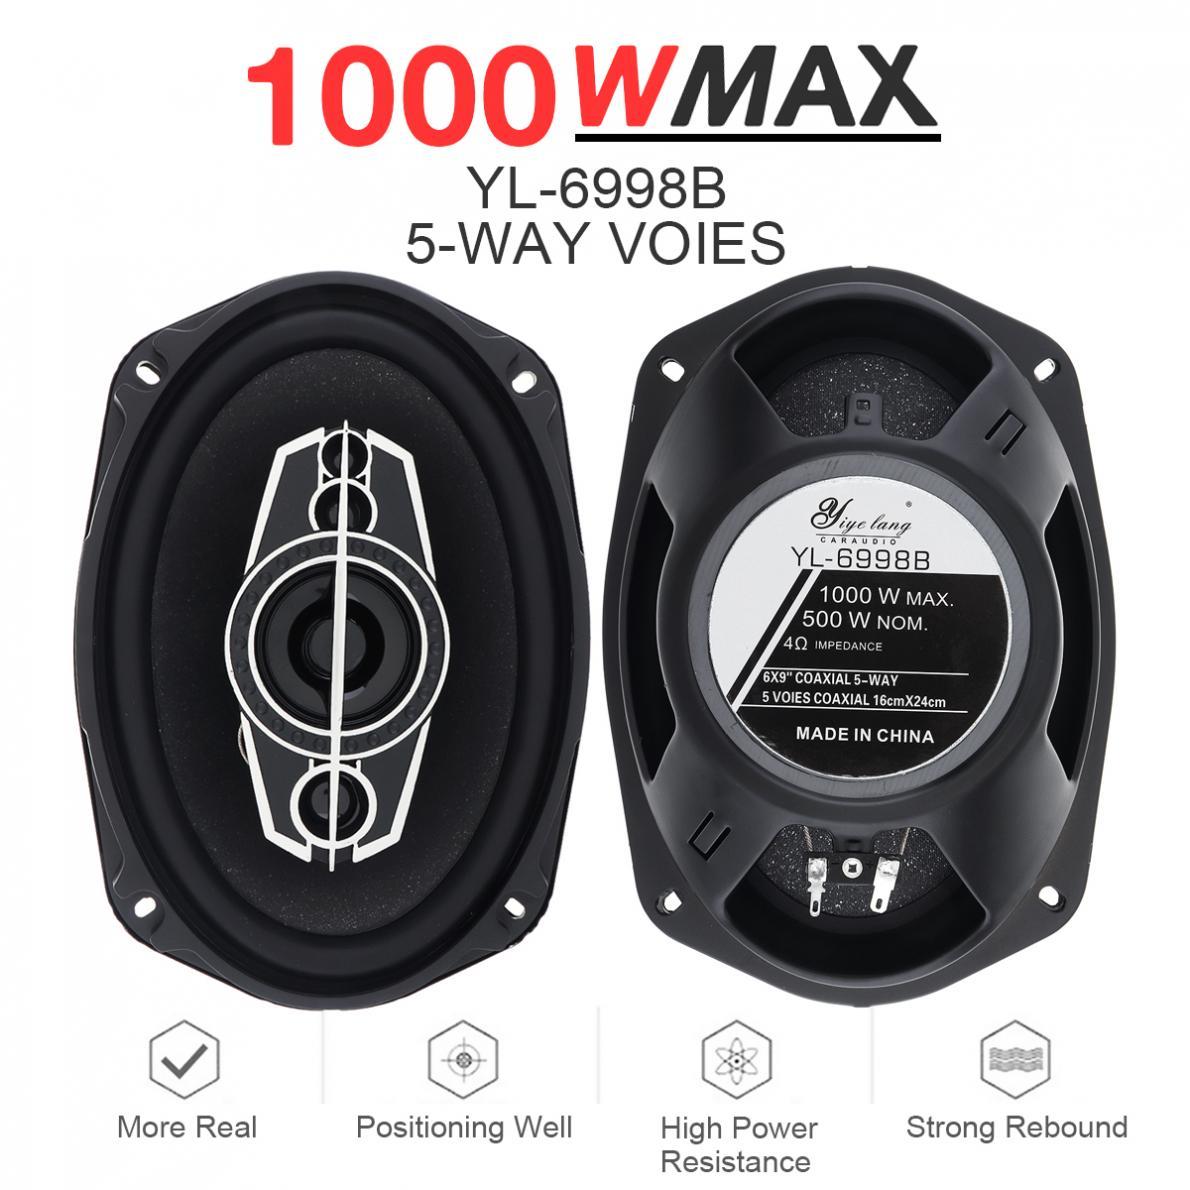 2 uds 6x9 pulgadas 1000W 5 vías Universal Coaxial de la música del coche estéreo Frecuencia de rango completo Hifi altavoces instalación no destructiva